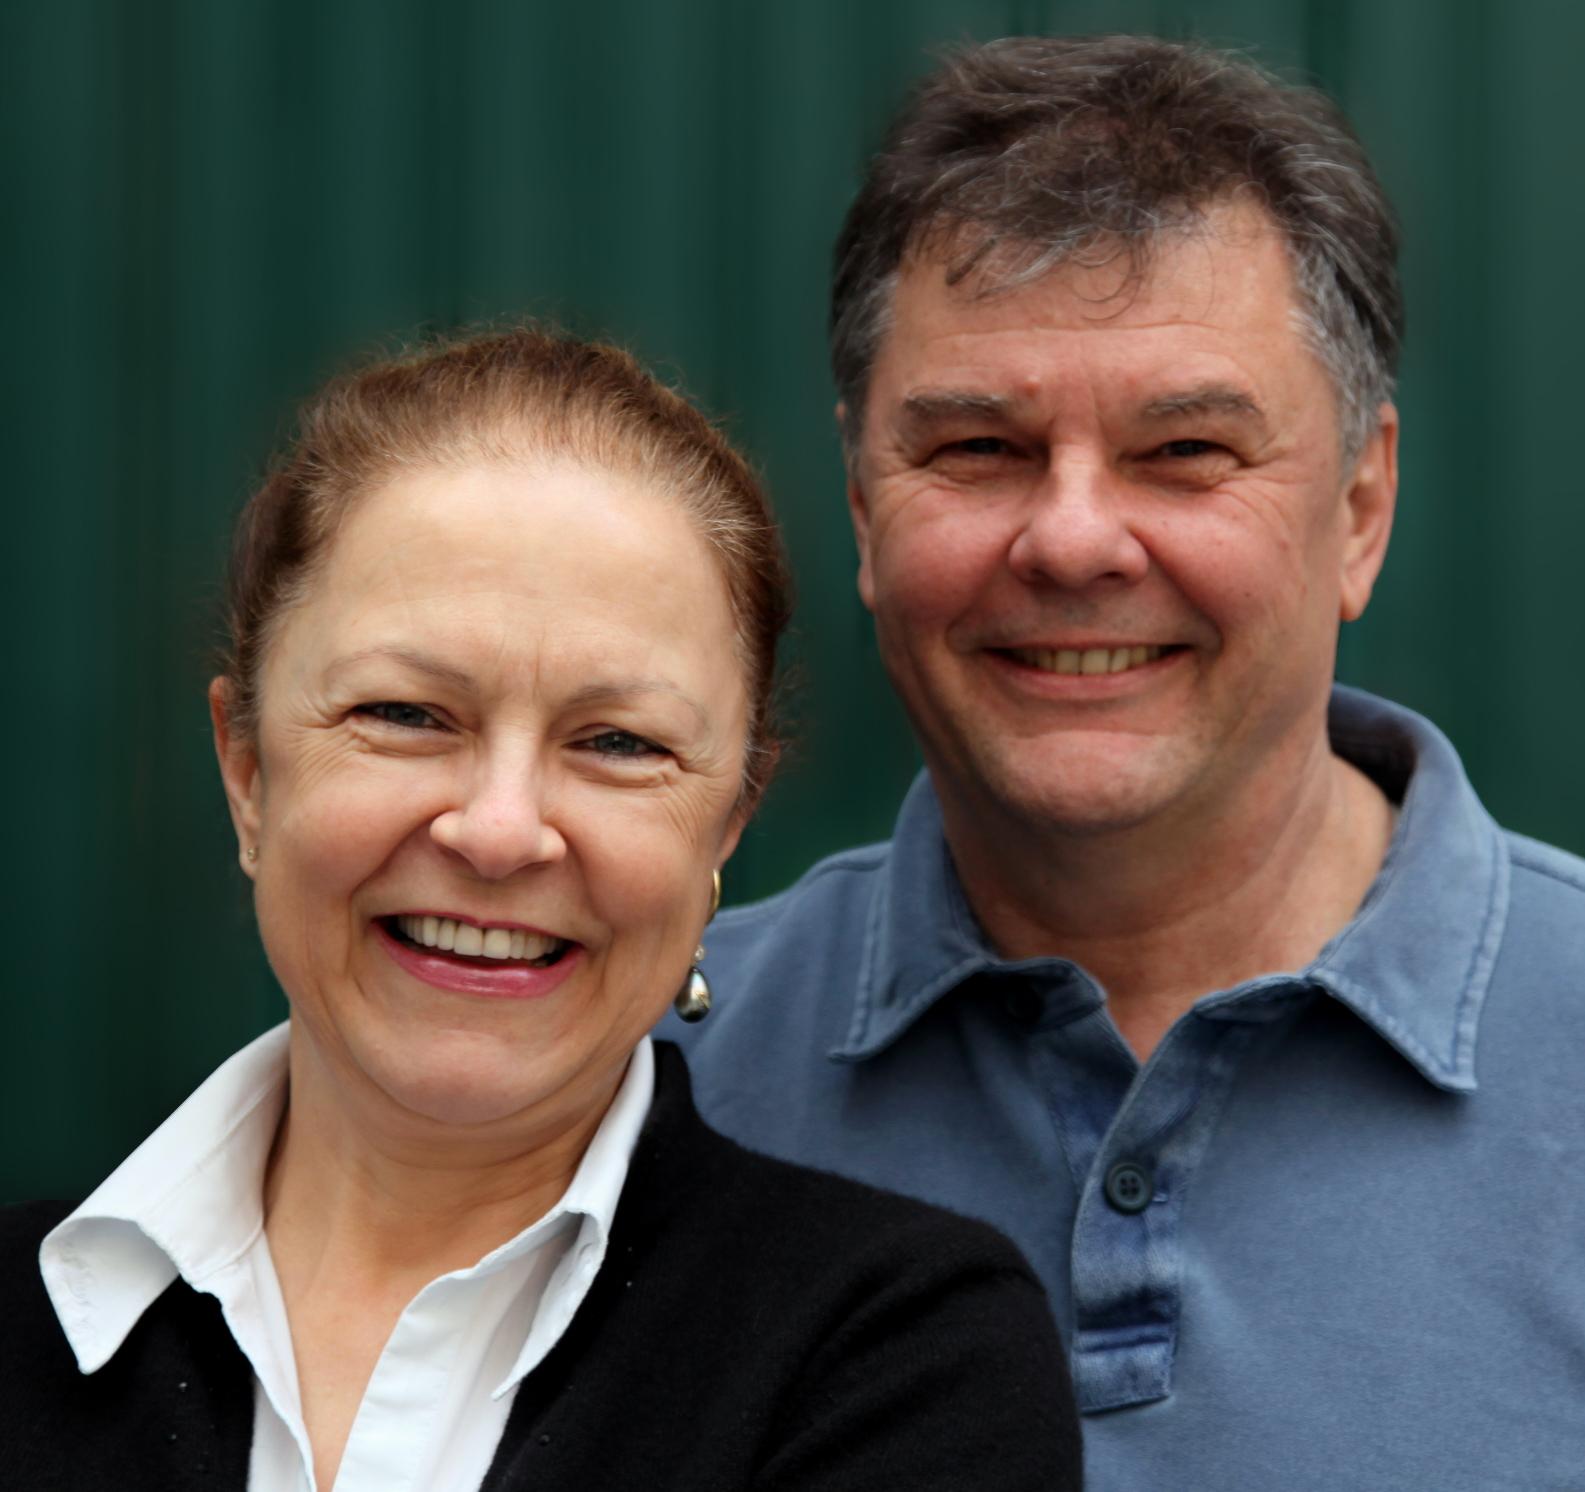 Annette und Klaus Scheurich, die Preisträger des Görlitzer Naturfilmpreises strahlen in die Kamera.